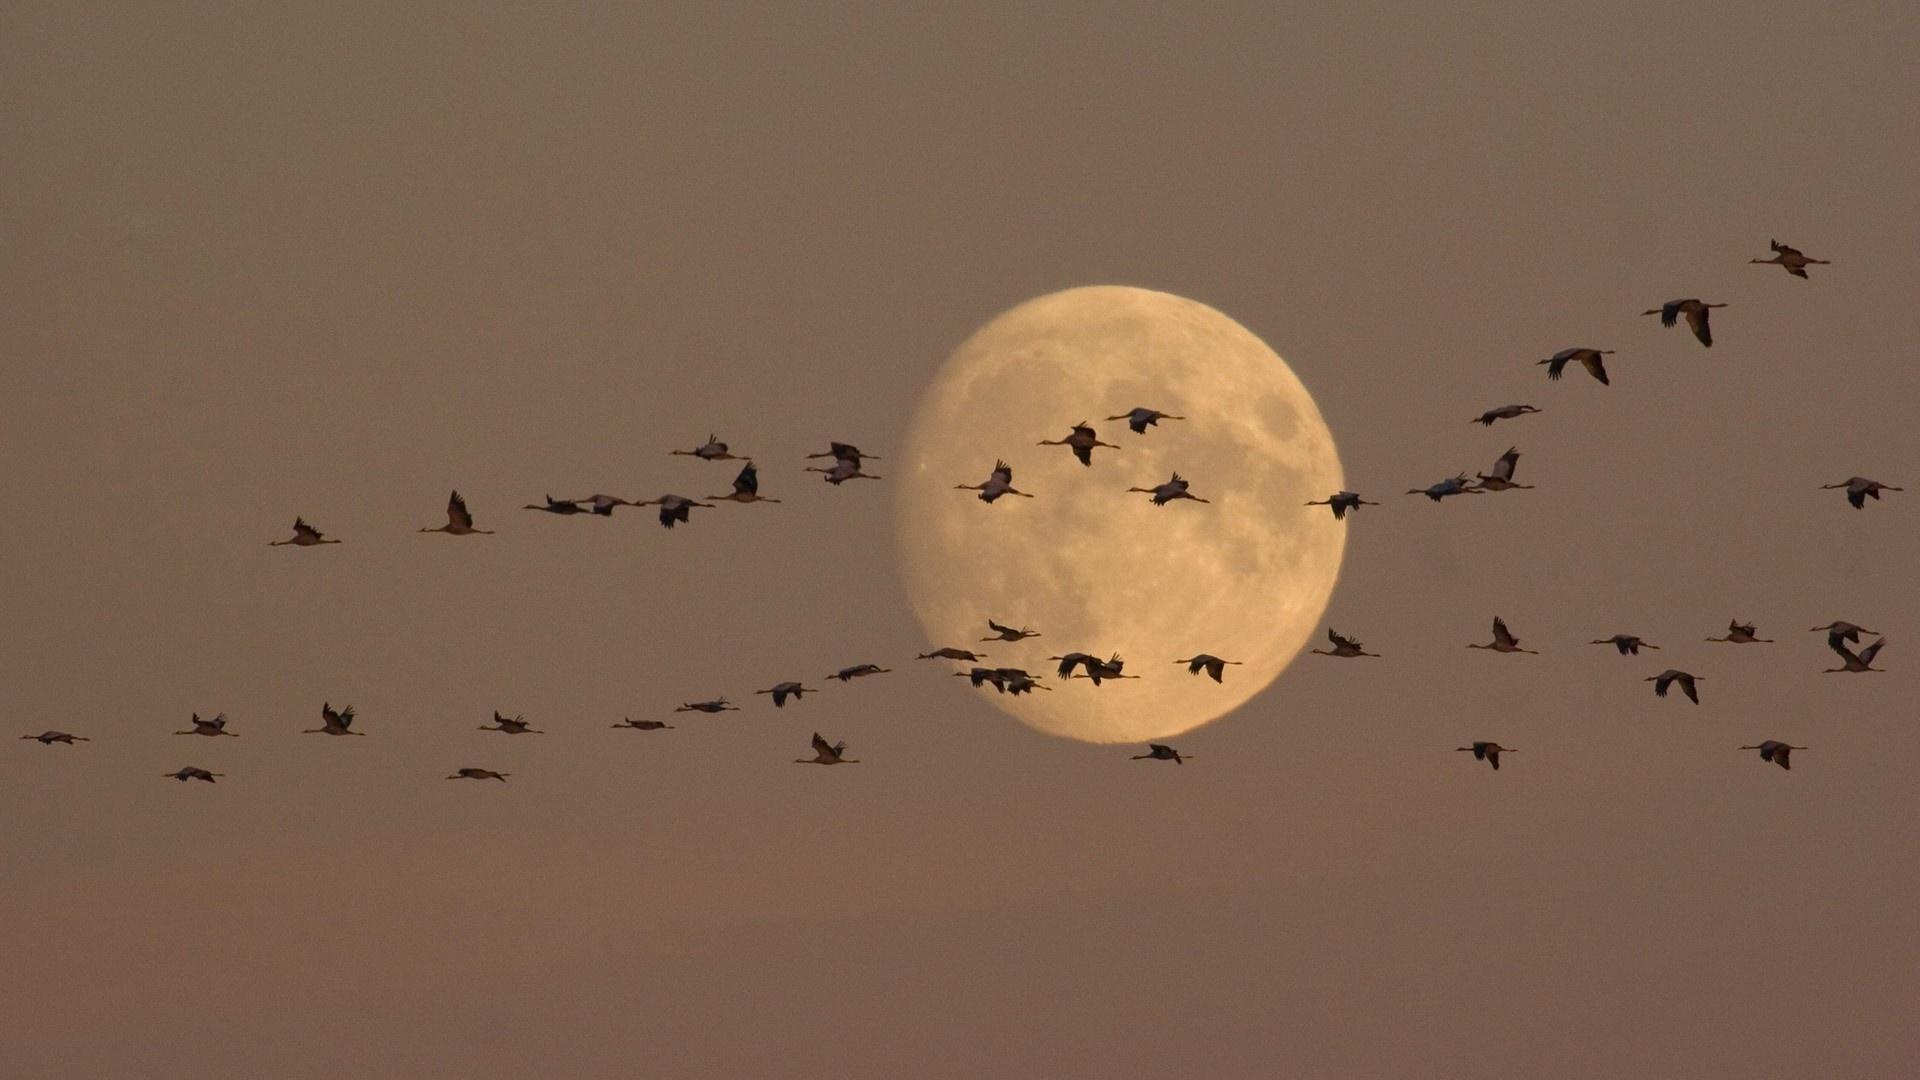 Wedge Birds In The Sky Wallpaper